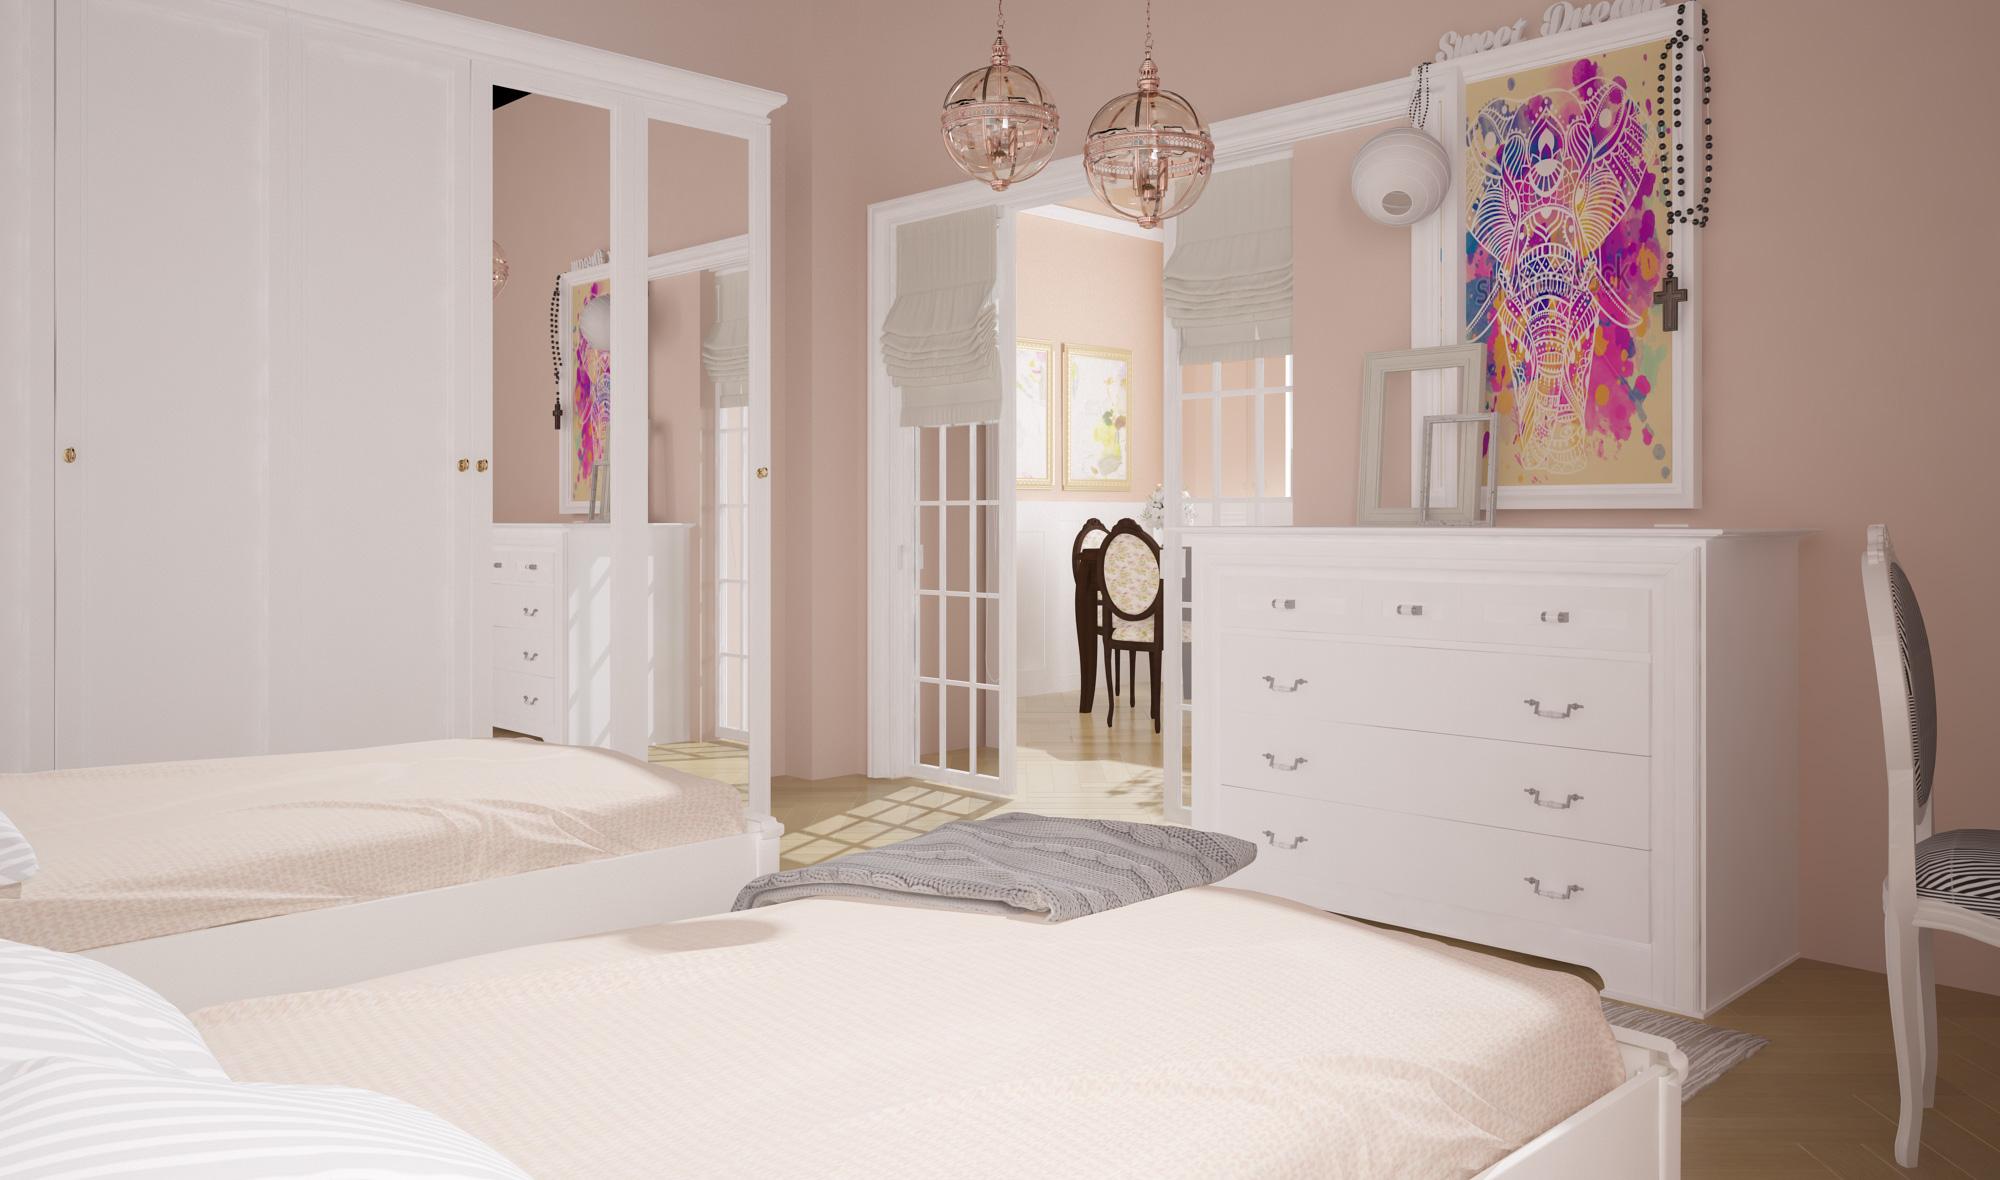 amenajare-interioara-apartament-cm-stil-clasic-1